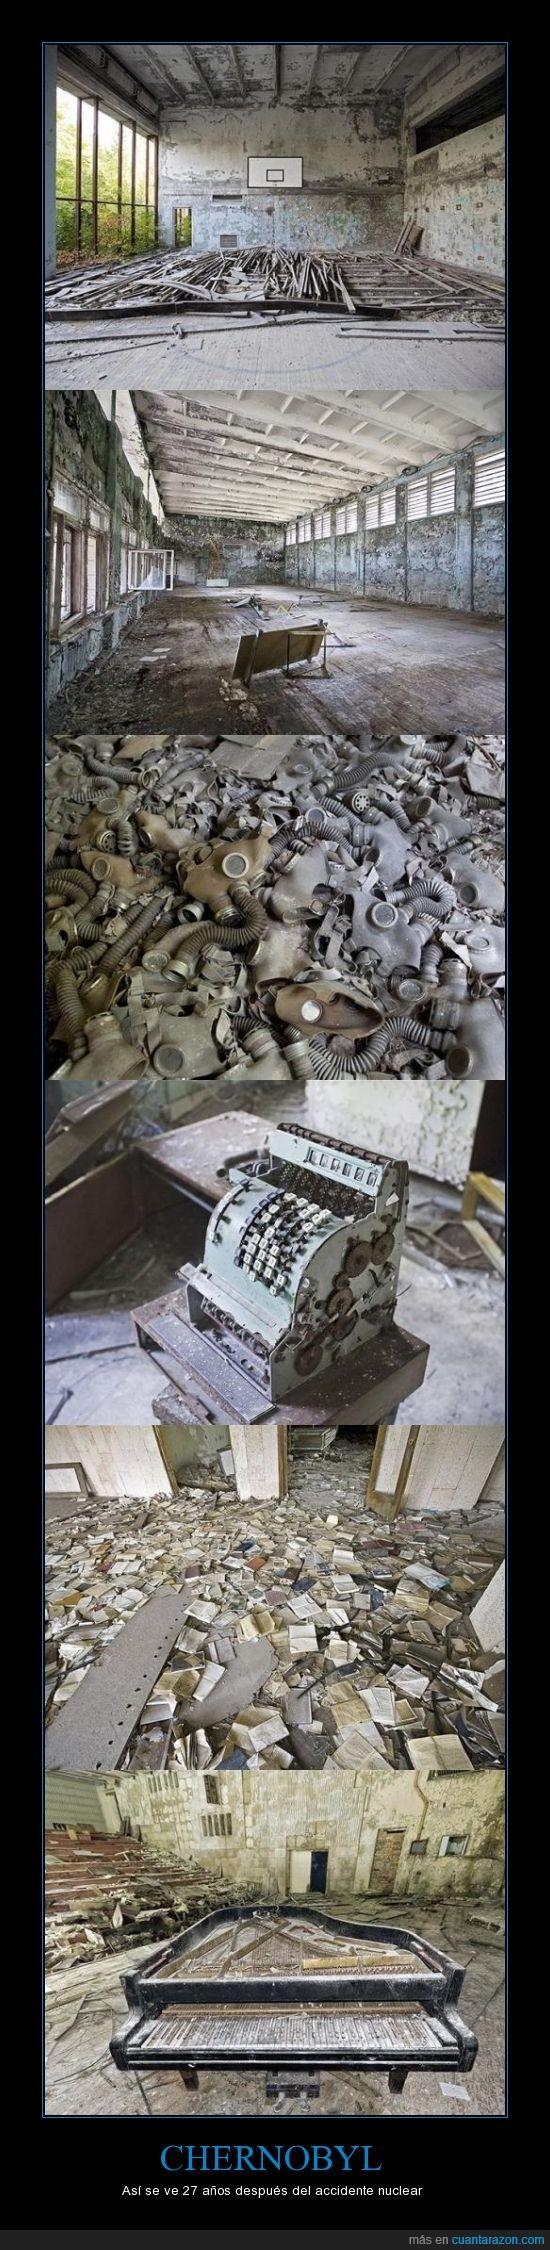 27 años,Abandonado,Chernobyl,Pueblo Fantasma,Solo 2 Personas Trabajan En Ese Lugar